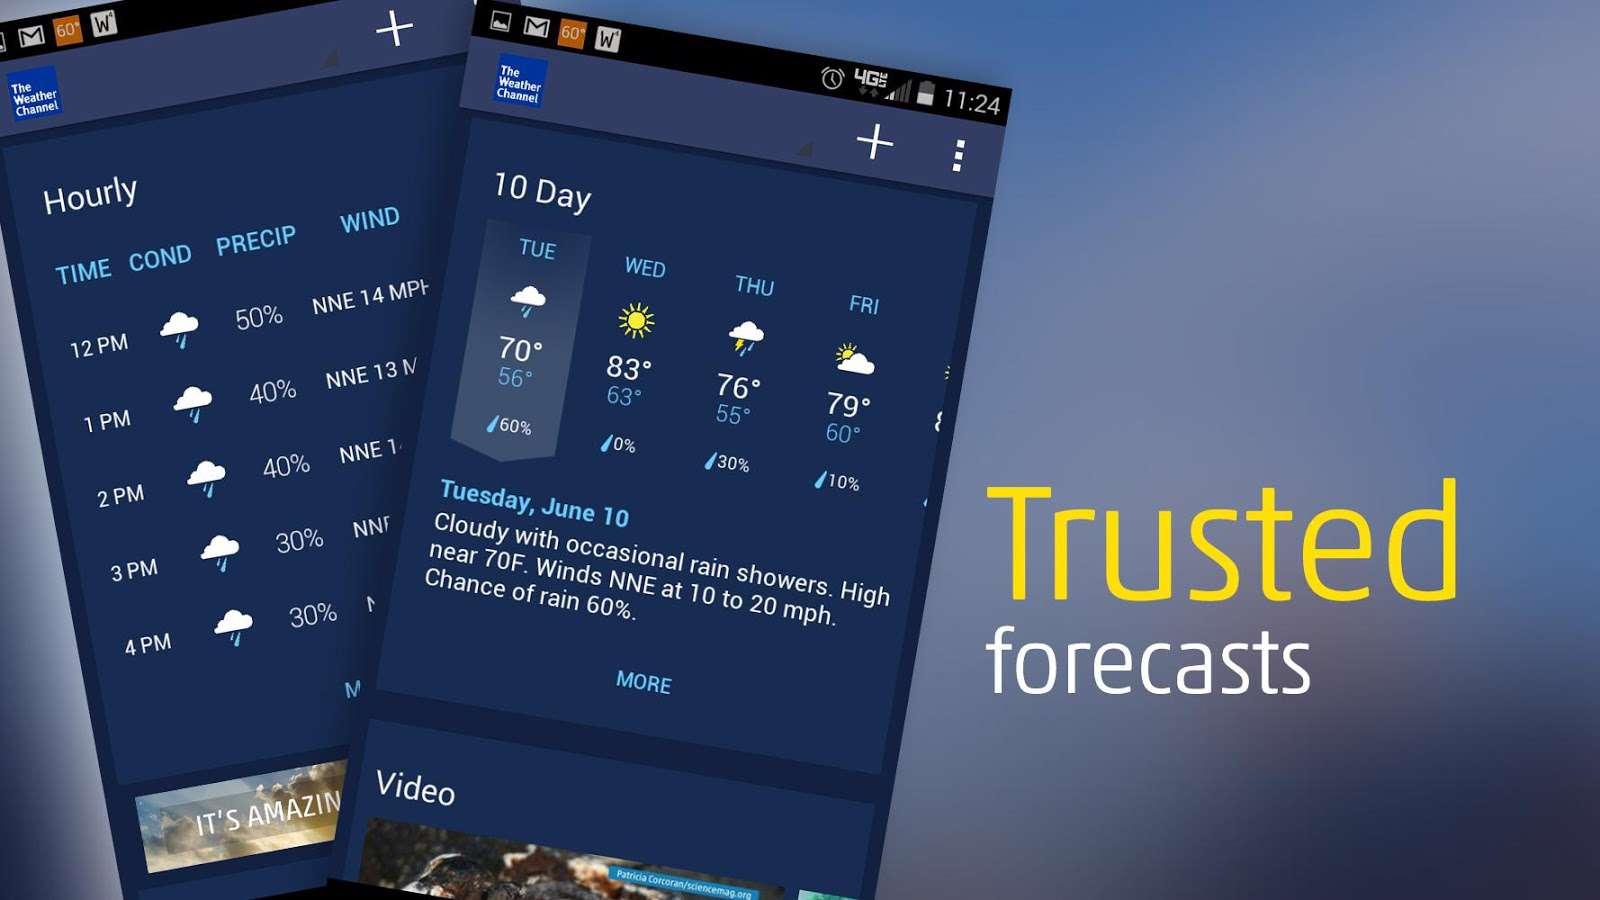 دانلود نرم افزار هواشناسی The Weather Channel 6.7.0 برای اندروید